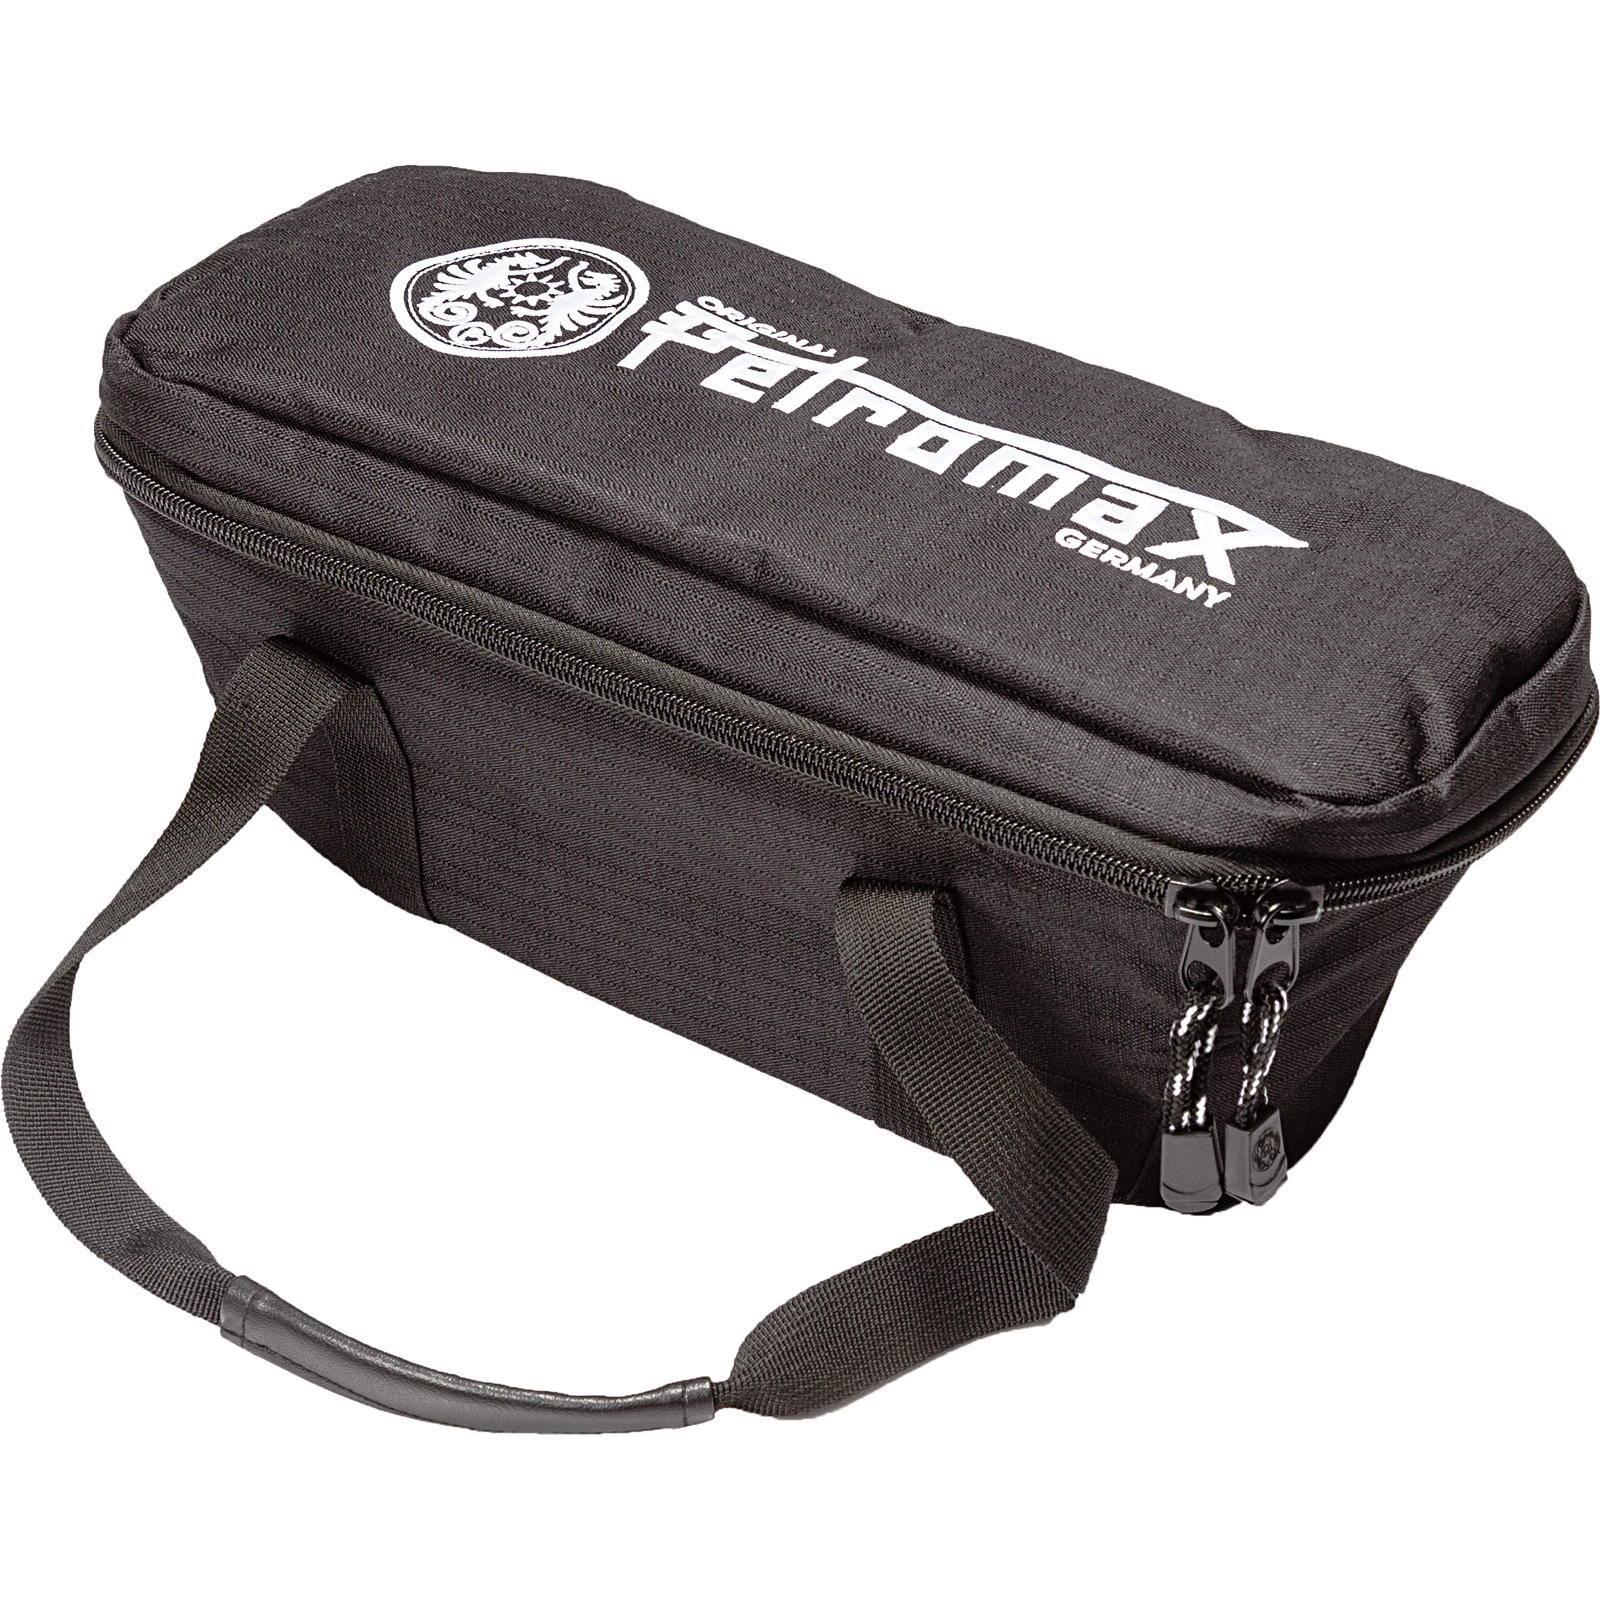 Petromax Tasche für Kastenform k4 - Bild 1